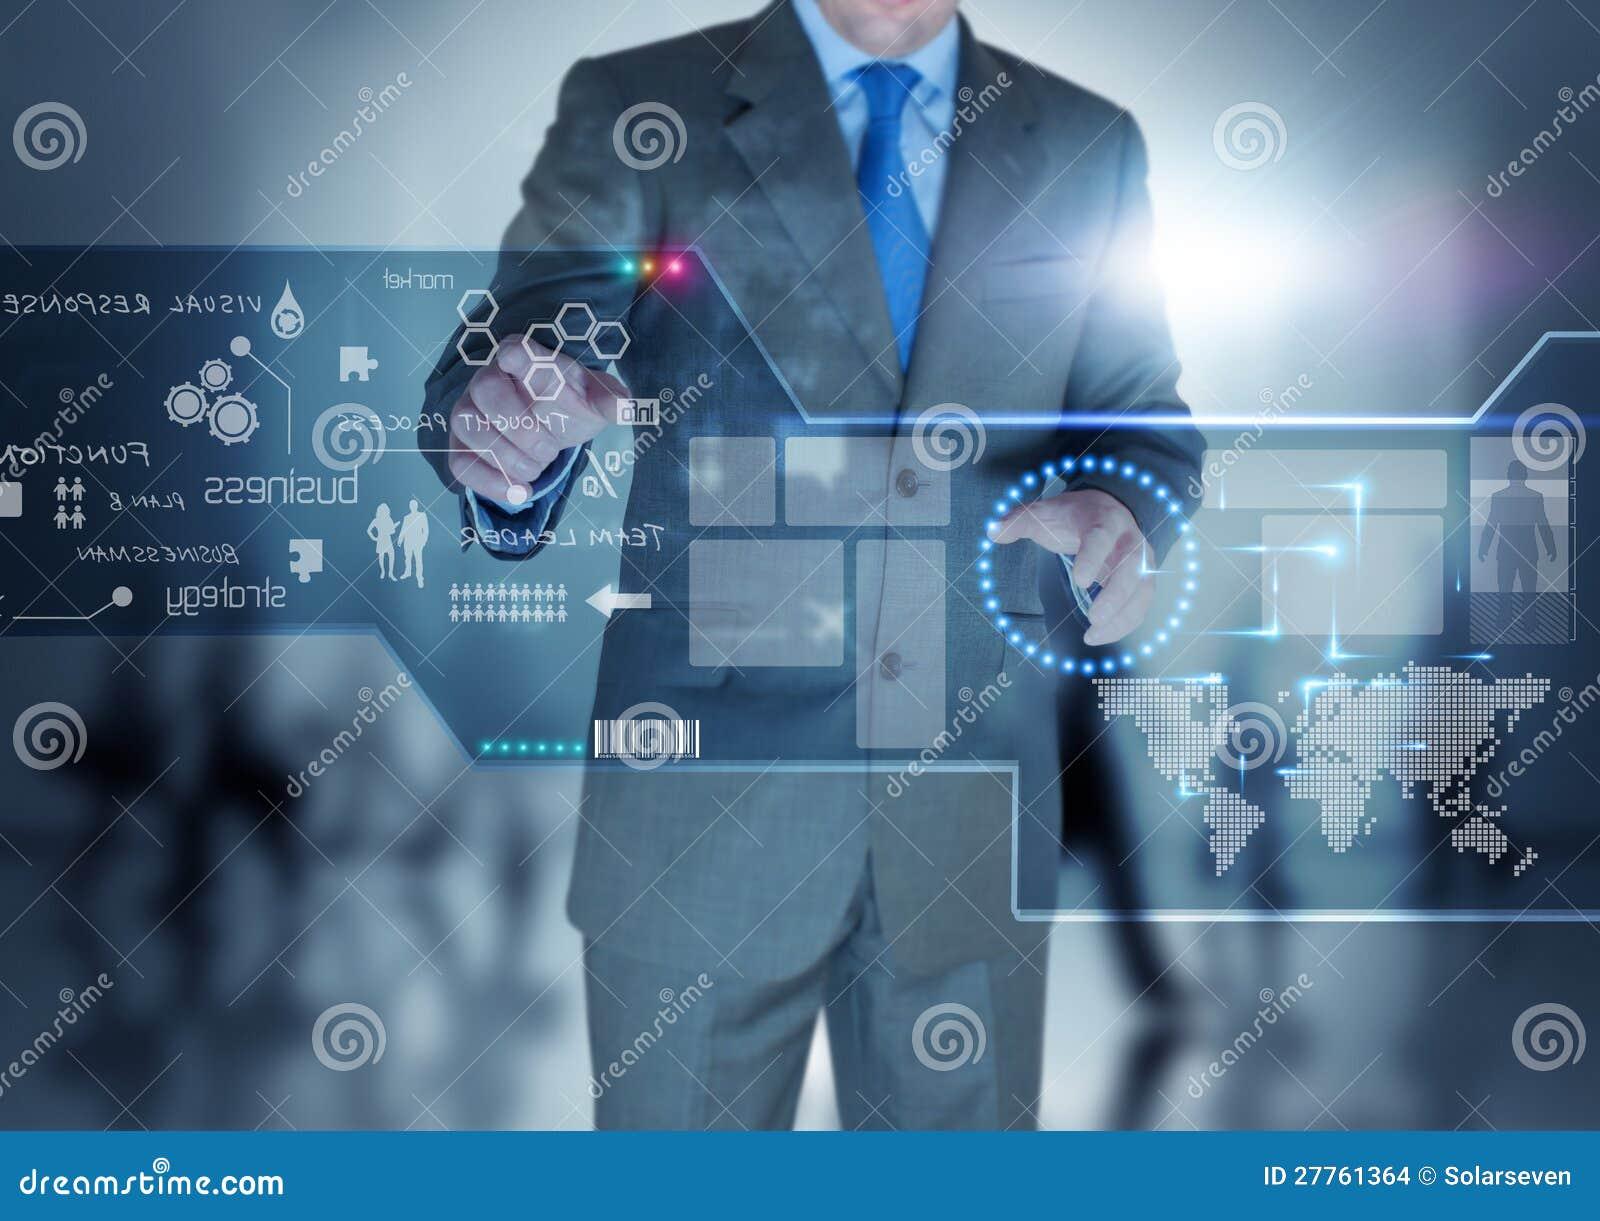 Zukünftige Technologie-Bildschirmanzeige